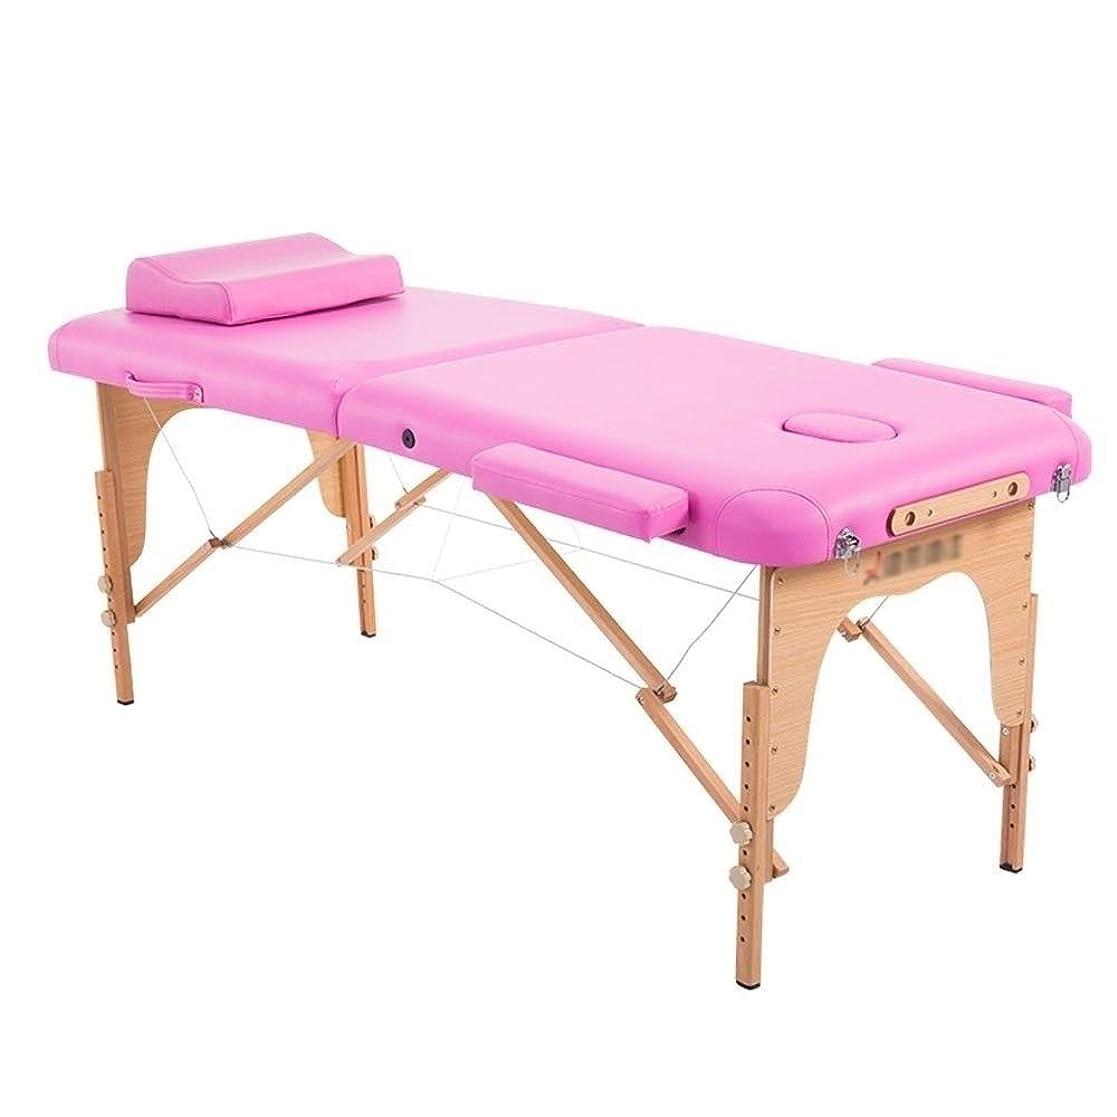 予定時間スプーンマッサージ台、 木の足を搭載する軽量の2セクション携帯用マッサージ台のソファテーブル (Color : Pink)